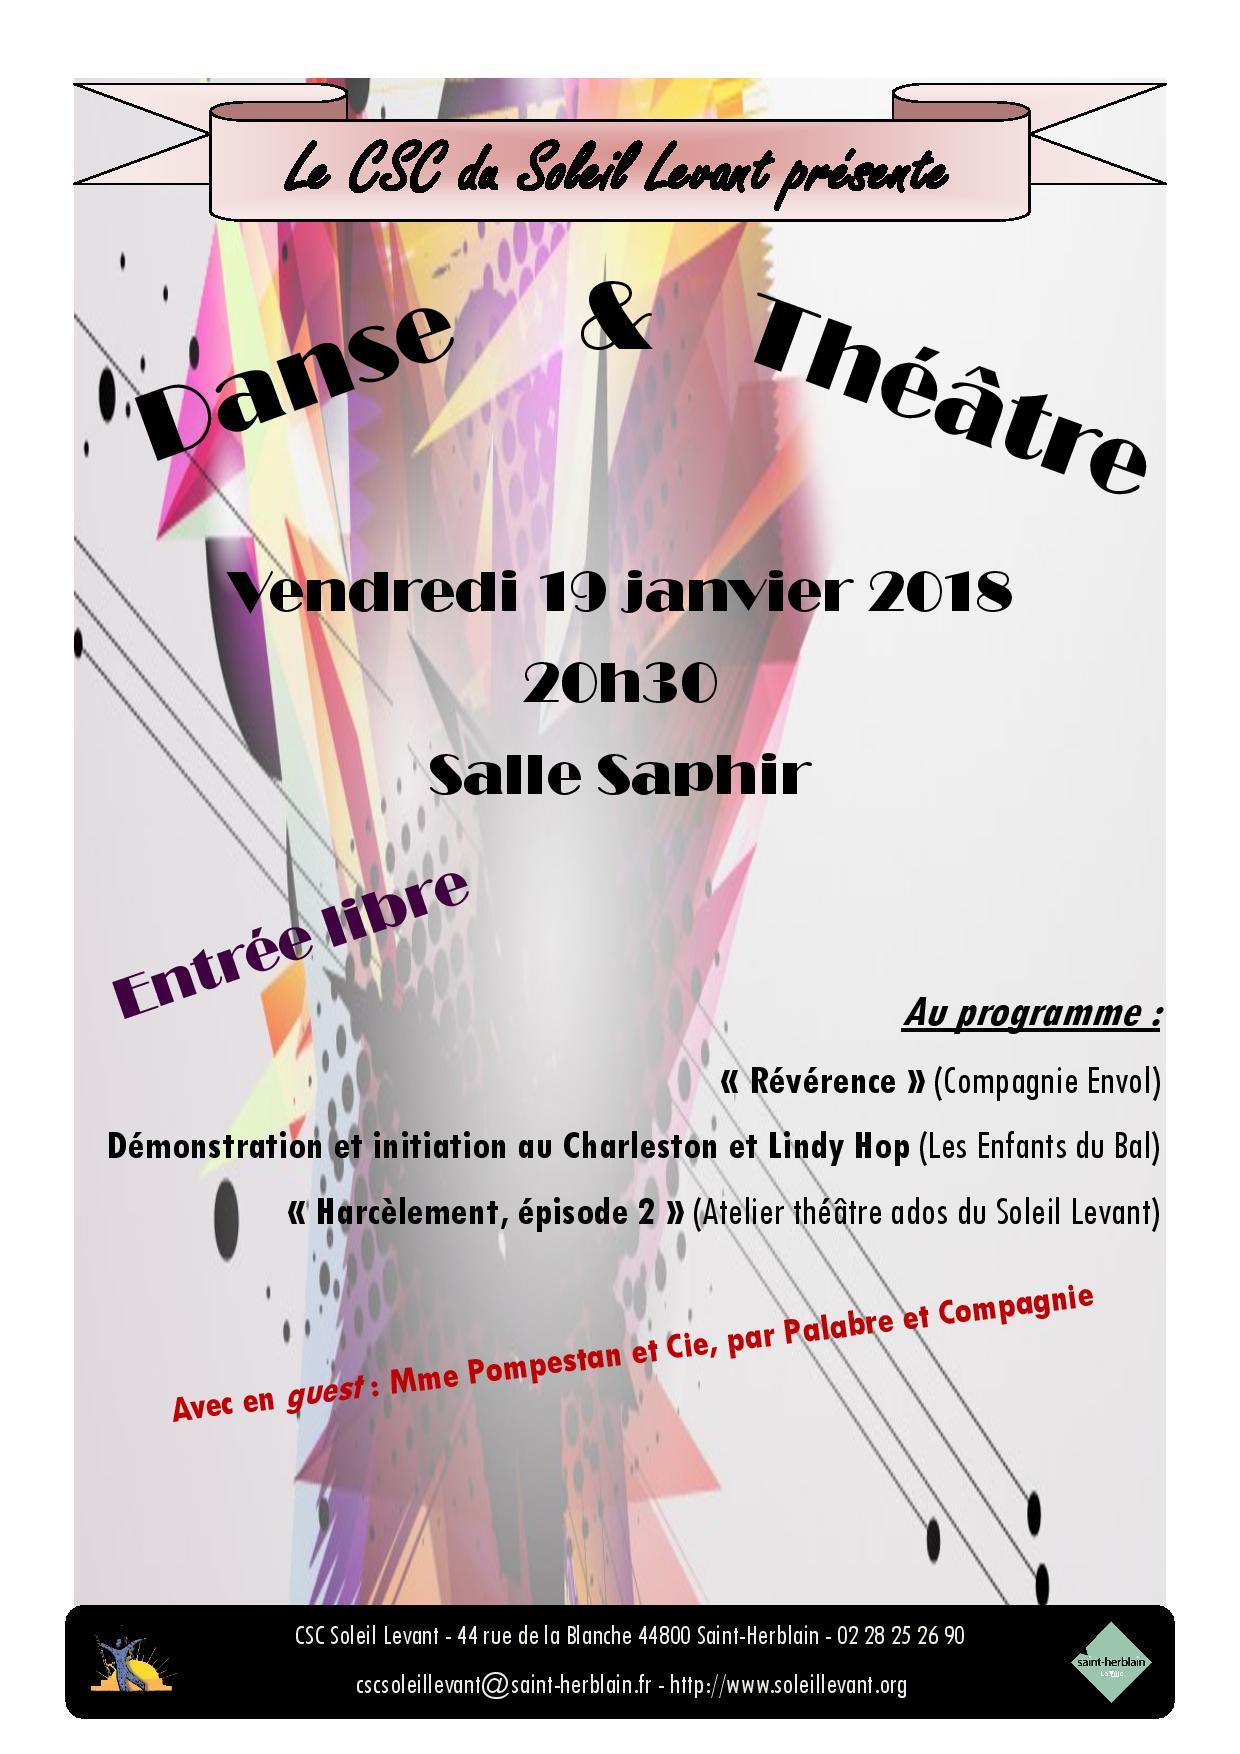 Danse & Théâtre @ CSC du Soleil Levant | Saint-Herblain | Pays de la Loire | France